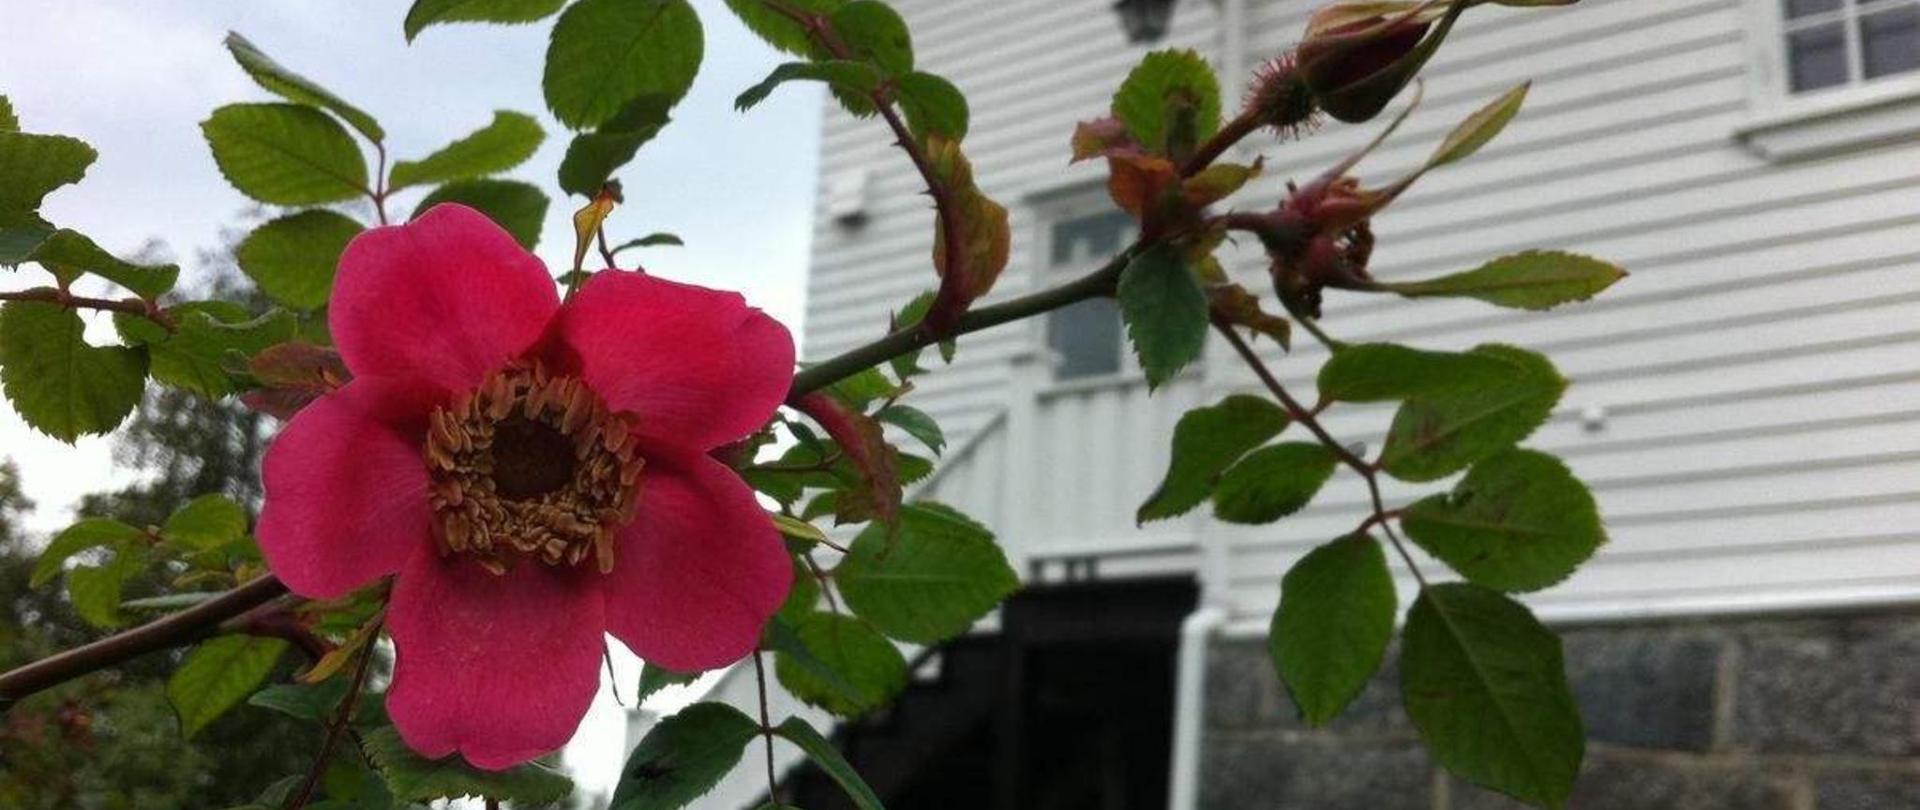 Smell of roses.jpg